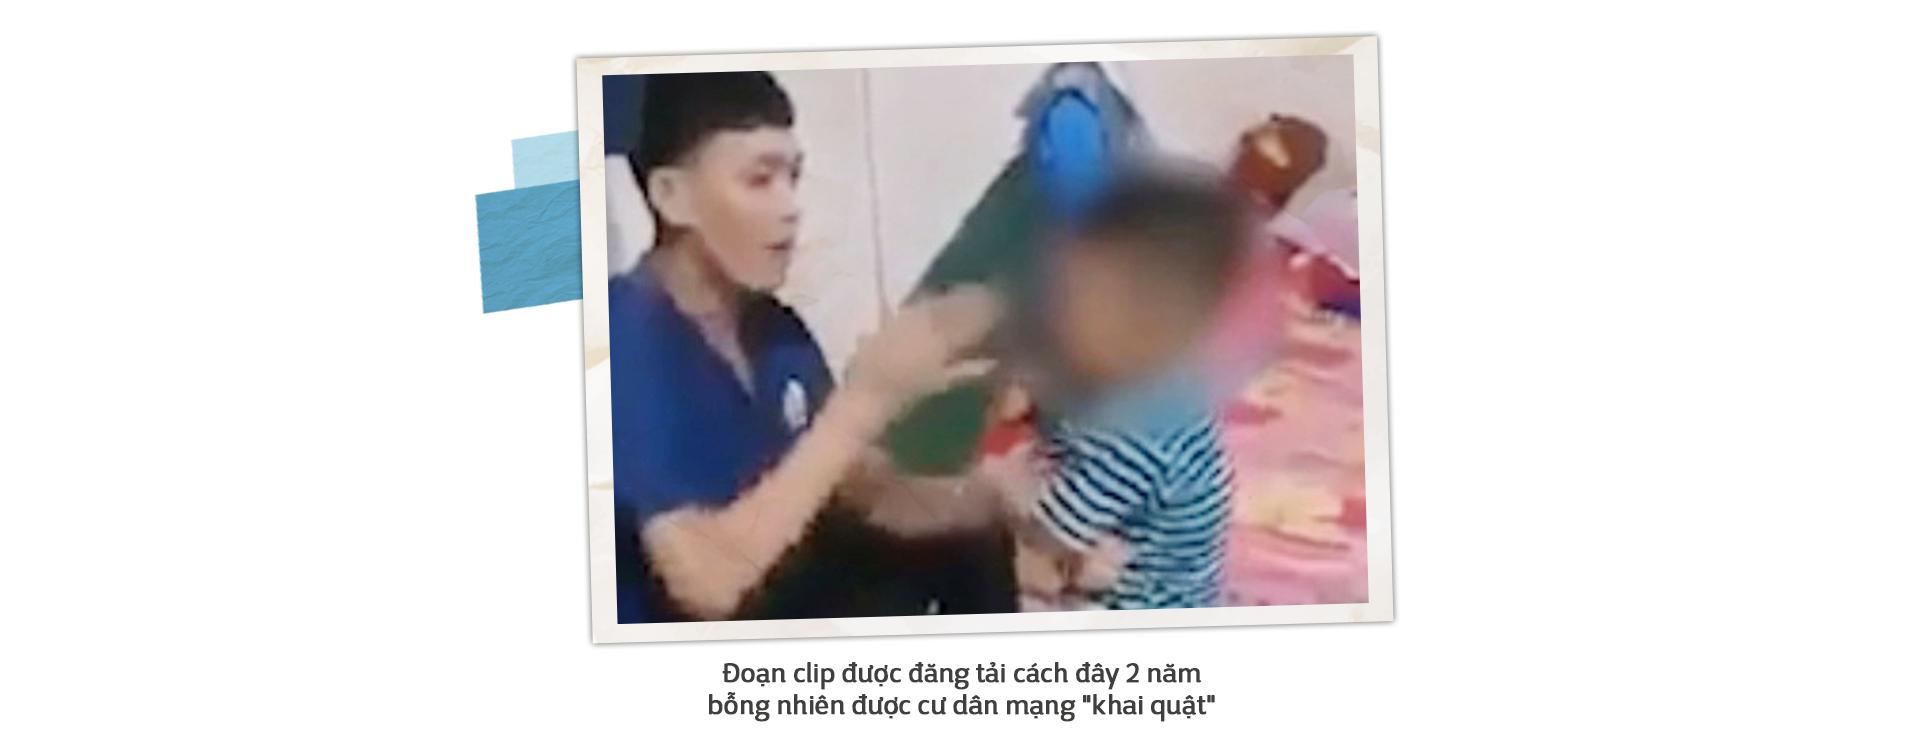 Những câu chuyện nóng hổi tạo trend trong giới trẻ Việt 2019 - Ảnh 27.